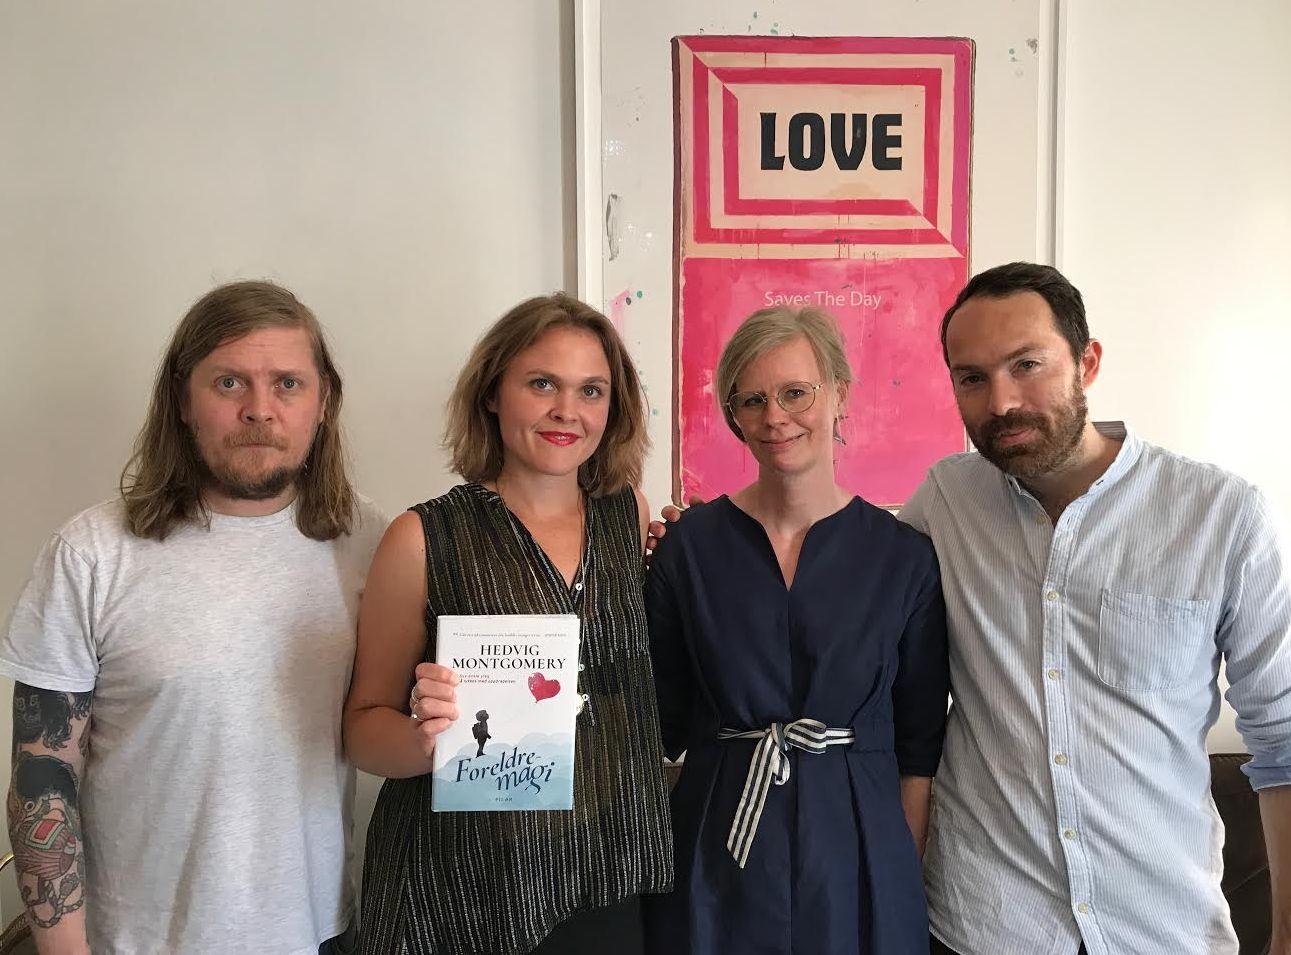 KONTRAKT: Fredag var Hevig Montgomery (nr. to fra høyre) i møte med   Salomonsson agency i Stockholm. Her med agent Tor Jonasson (f.v.), daglig leder Julia Angelin og agent Federico Ambrosini.